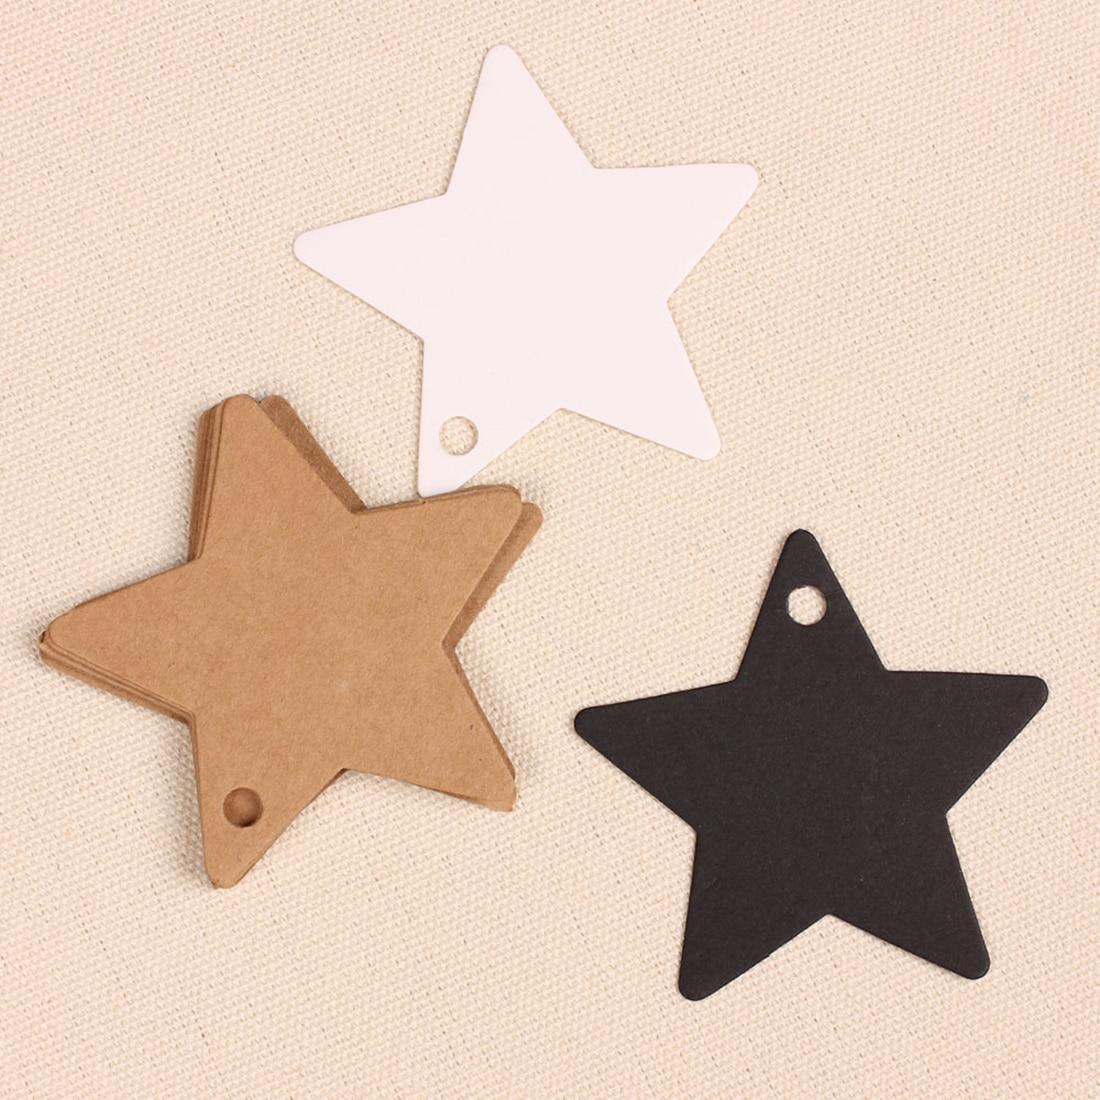 10 шт./компл. Star пустой kraft Бумага подарков Свадьба Doorplate гребешок важны Чемодан ...